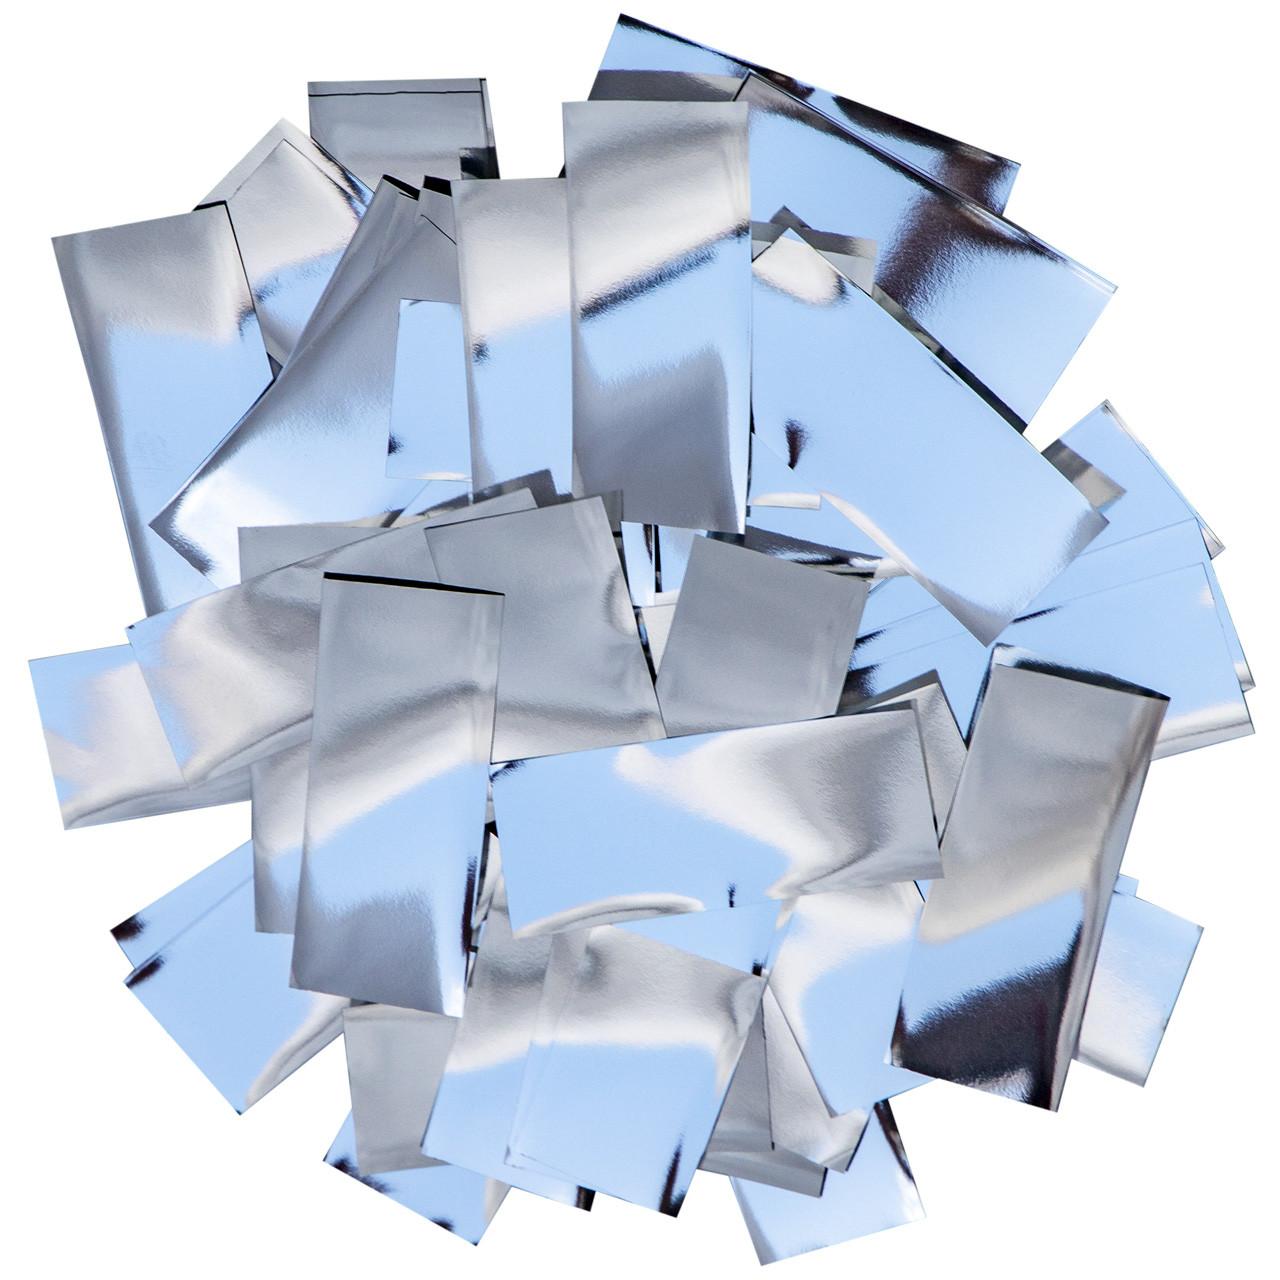 Конфетти-Метафан Серебряный Премиум 2.5х6 (фольгированный) 1кг, фото 1